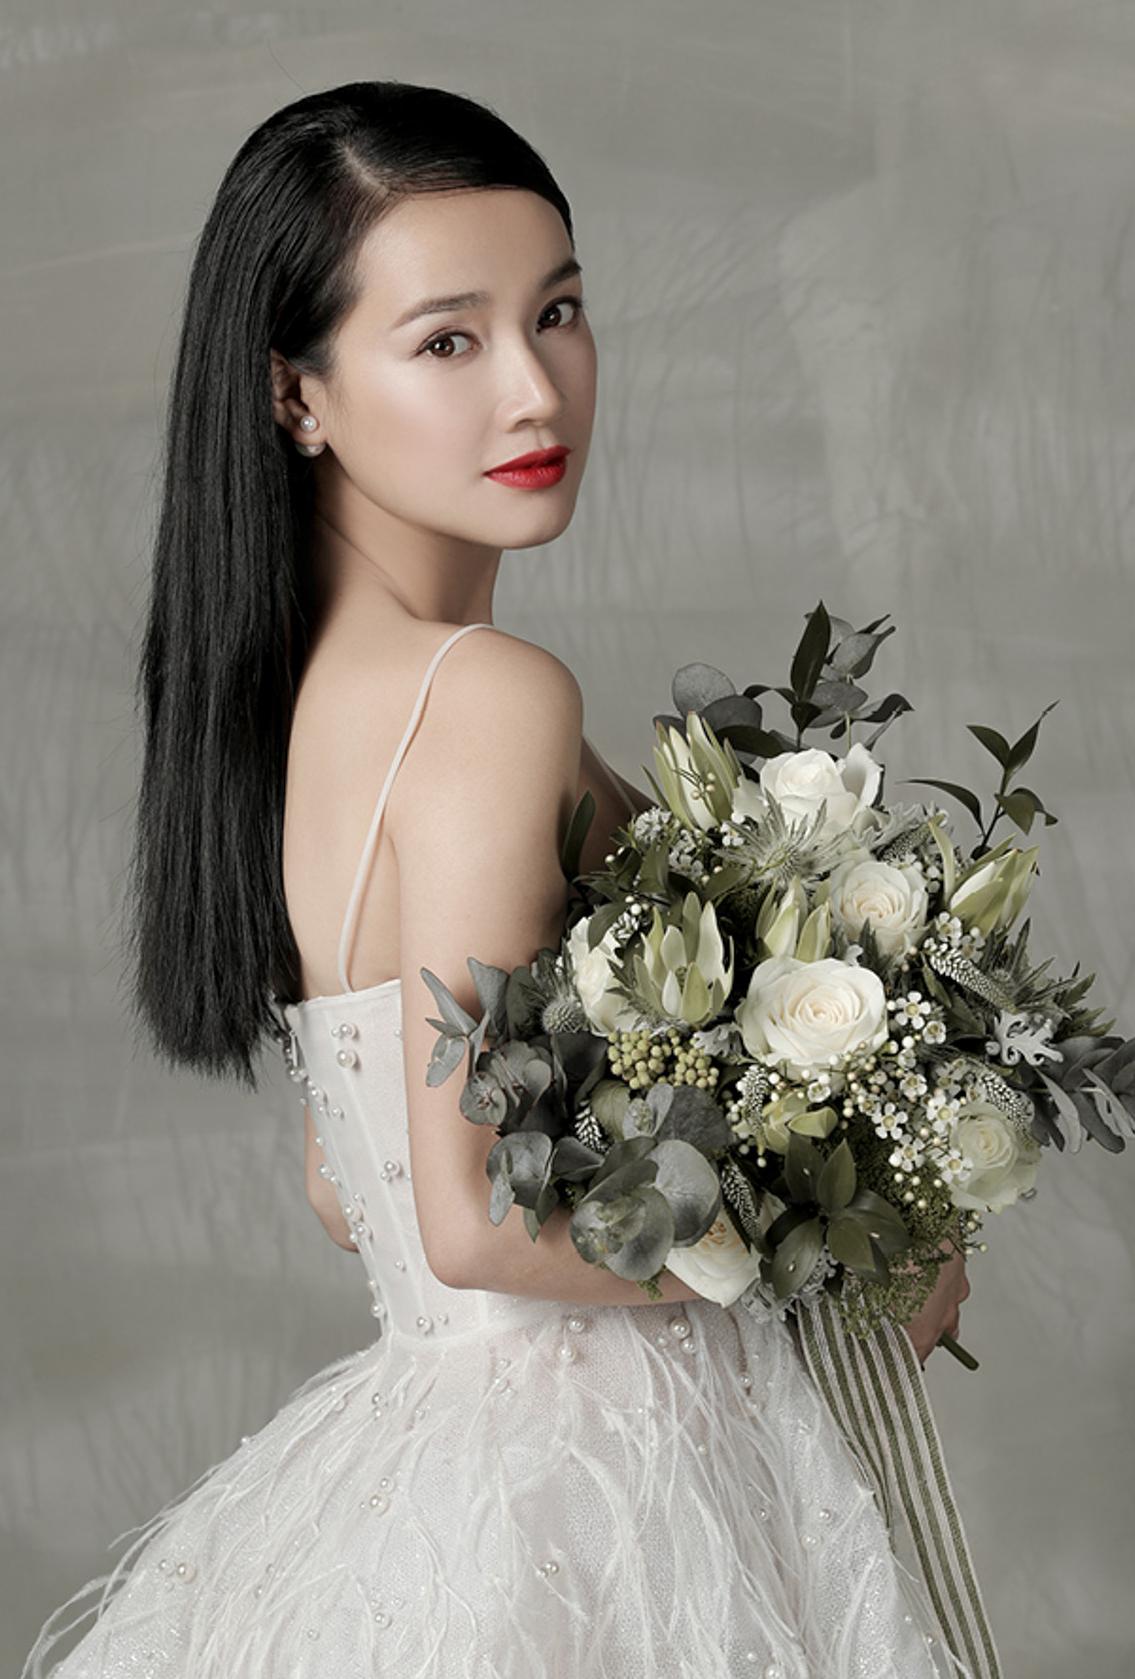 Hình ảnh cô dâu xinh đẹp trong ngày cưới